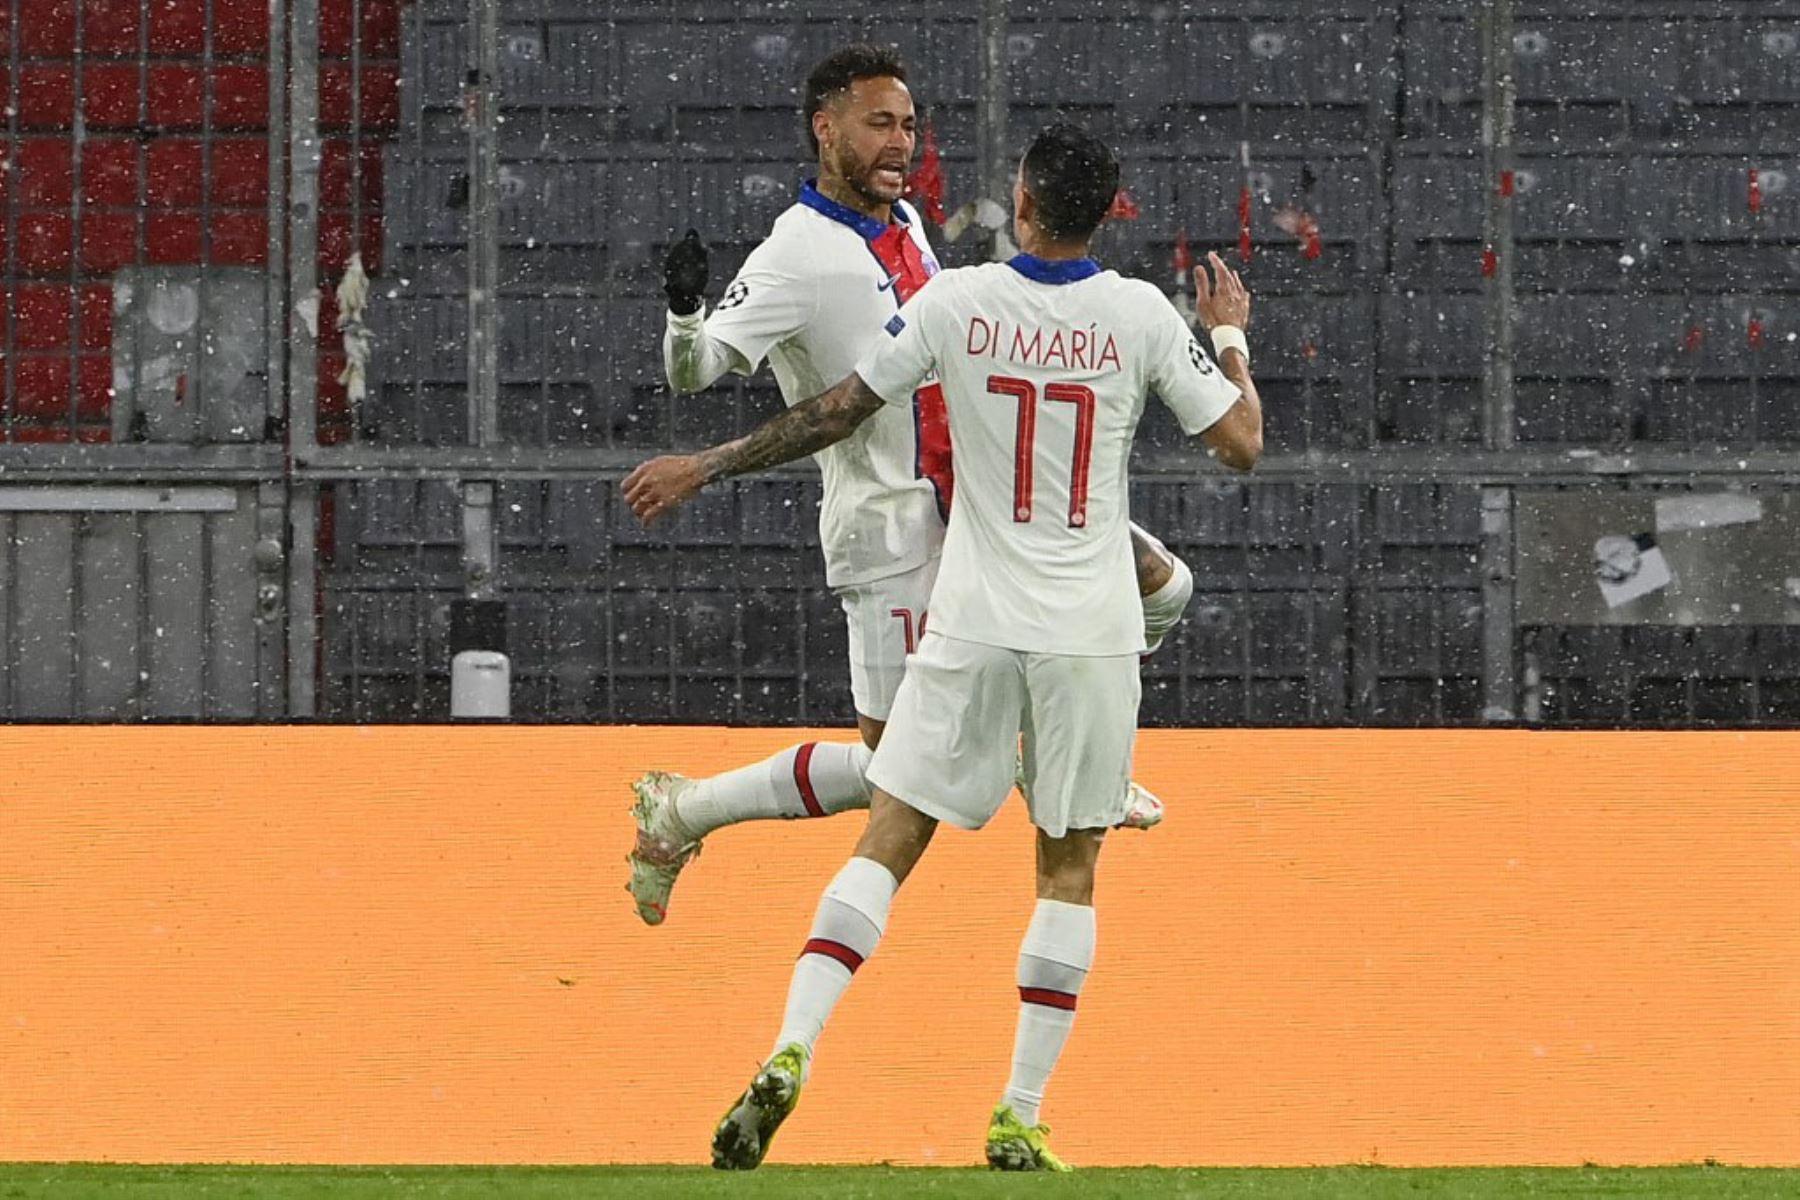 El delantero brasileño del Paris Saint-Germain Neymar (L) y el centrocampista argentino del Paris Saint-Germain Angel Di Maria celebran el gol del 0-1 durante el partido de ida de cuartos de final de la Liga de Campeones de la UEFA entre el FC Bayern de Múnich y el Paris Saint-Germain.  Foto:AFP